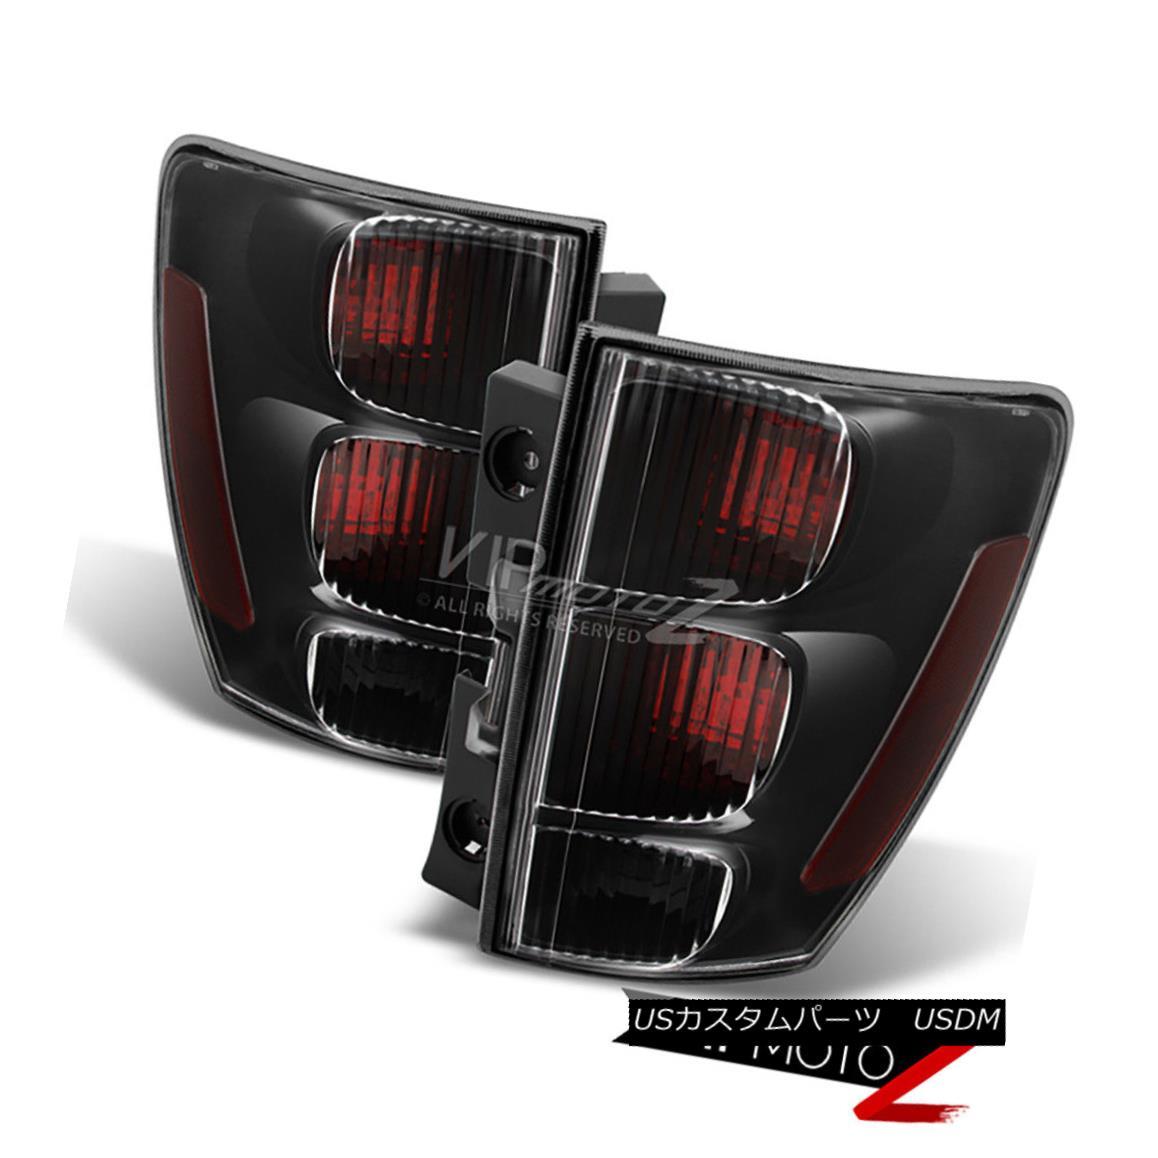 テールライト 05-09 Chevy Equinox [Dark Tinted] Factory Style Rear Brake Tail Lights Lamps L+R 05-09 Chevy Equinox [Dark Tinted]工場スタイルリアブレーキテールライトランプL + R